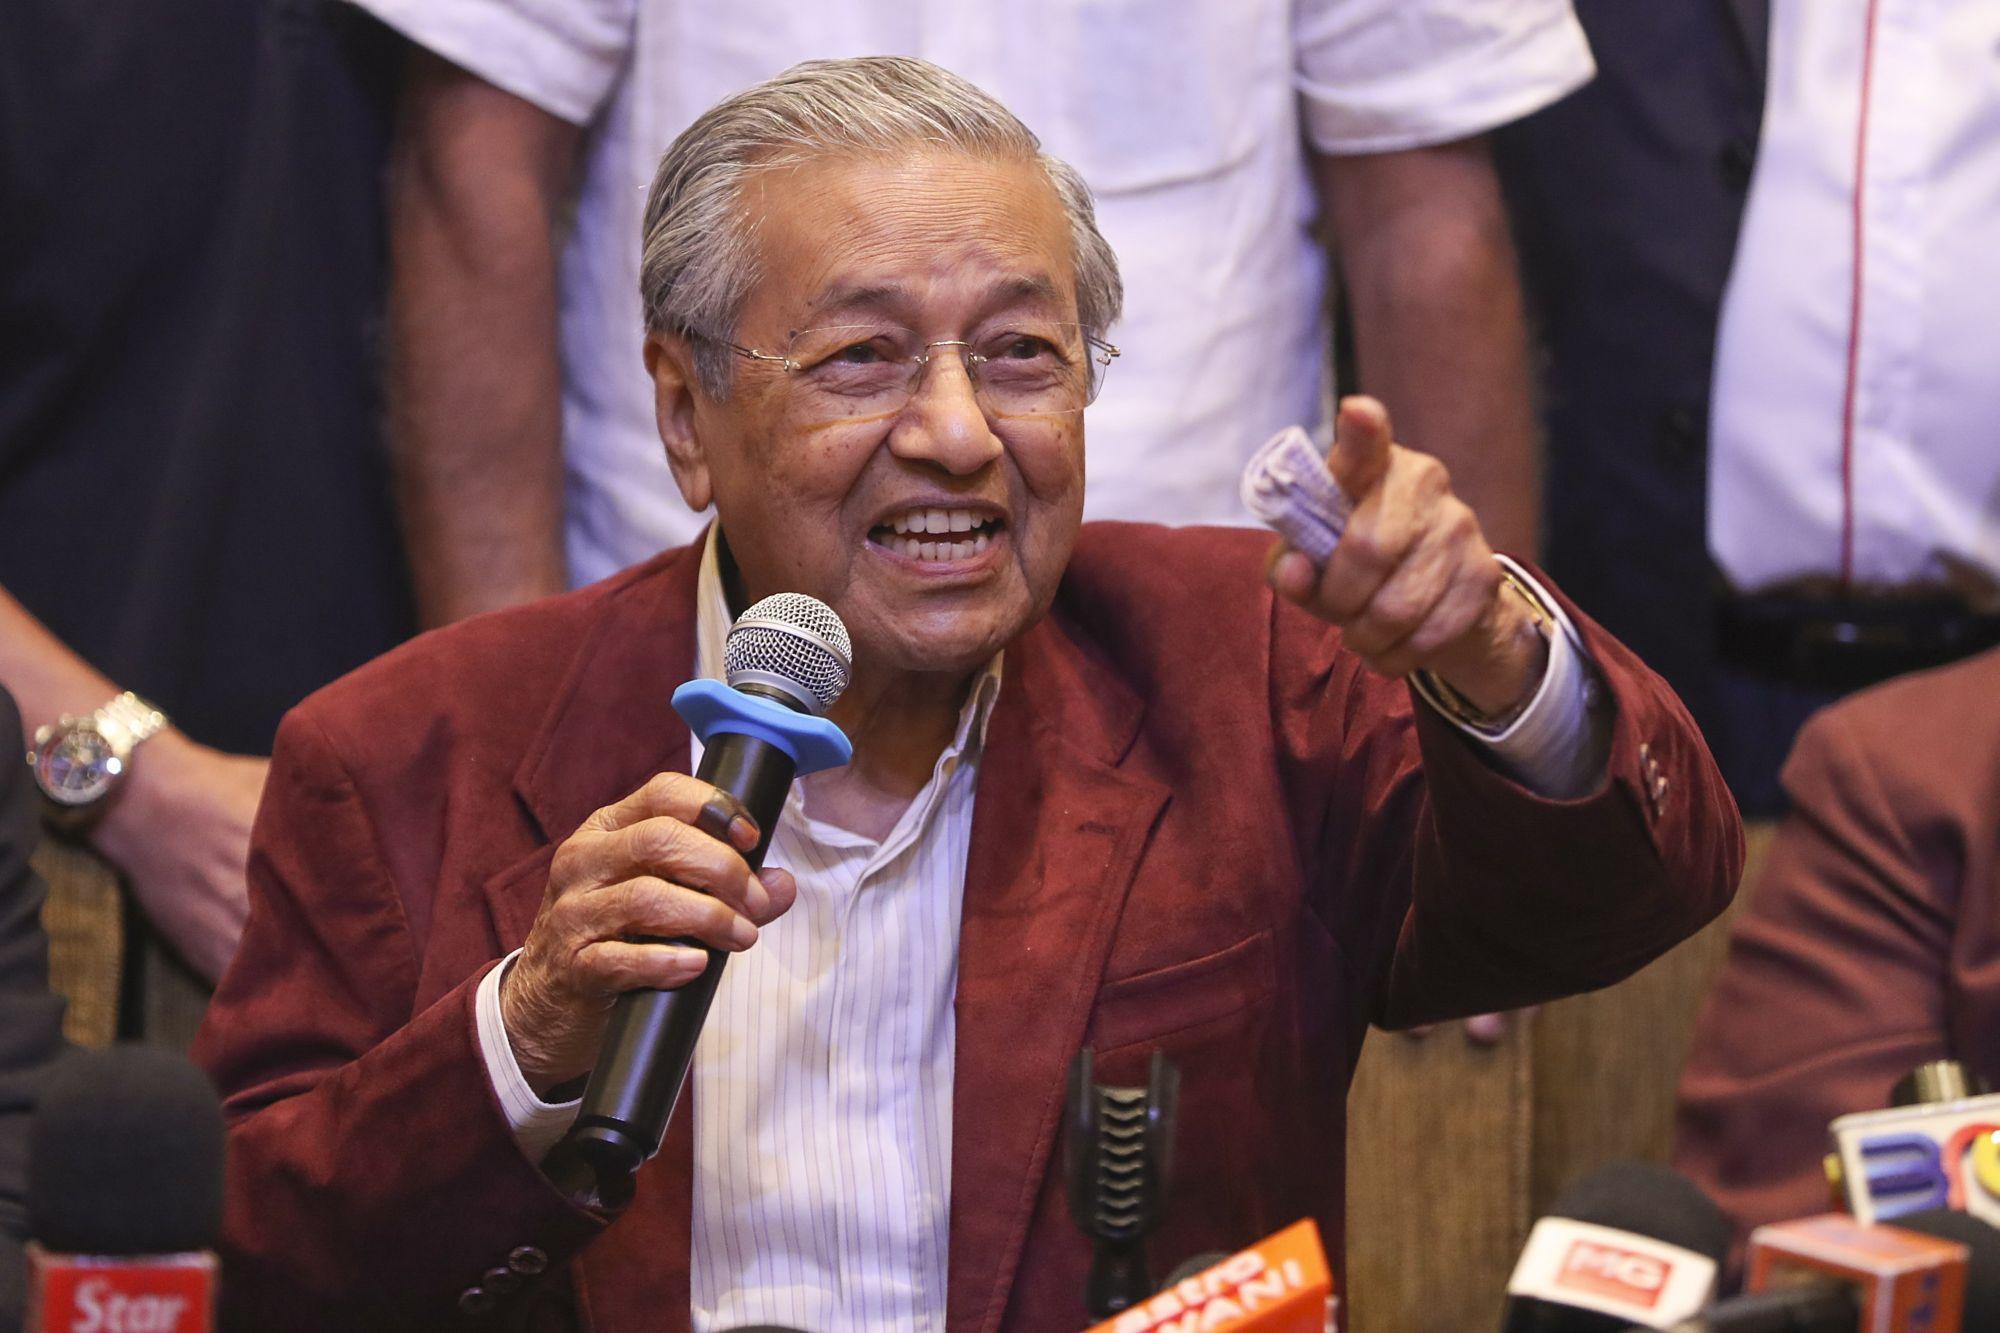 A kormányfői posztért indult Mahathir Mohamad volt malajziai miniszterelnök sajtótájékoztatót tart a Kuala Lumpur közelében fekvő Petaling Jayában 2018. május 10-én, miután a 92 éves Mohamed vezette ellenzéki Pakatan Harapan (PN, a Remény Szövetsége) megnyerte az előző napi előrehozott parlamenti választásokat. (MTI/EPA/Fazry Ismail)